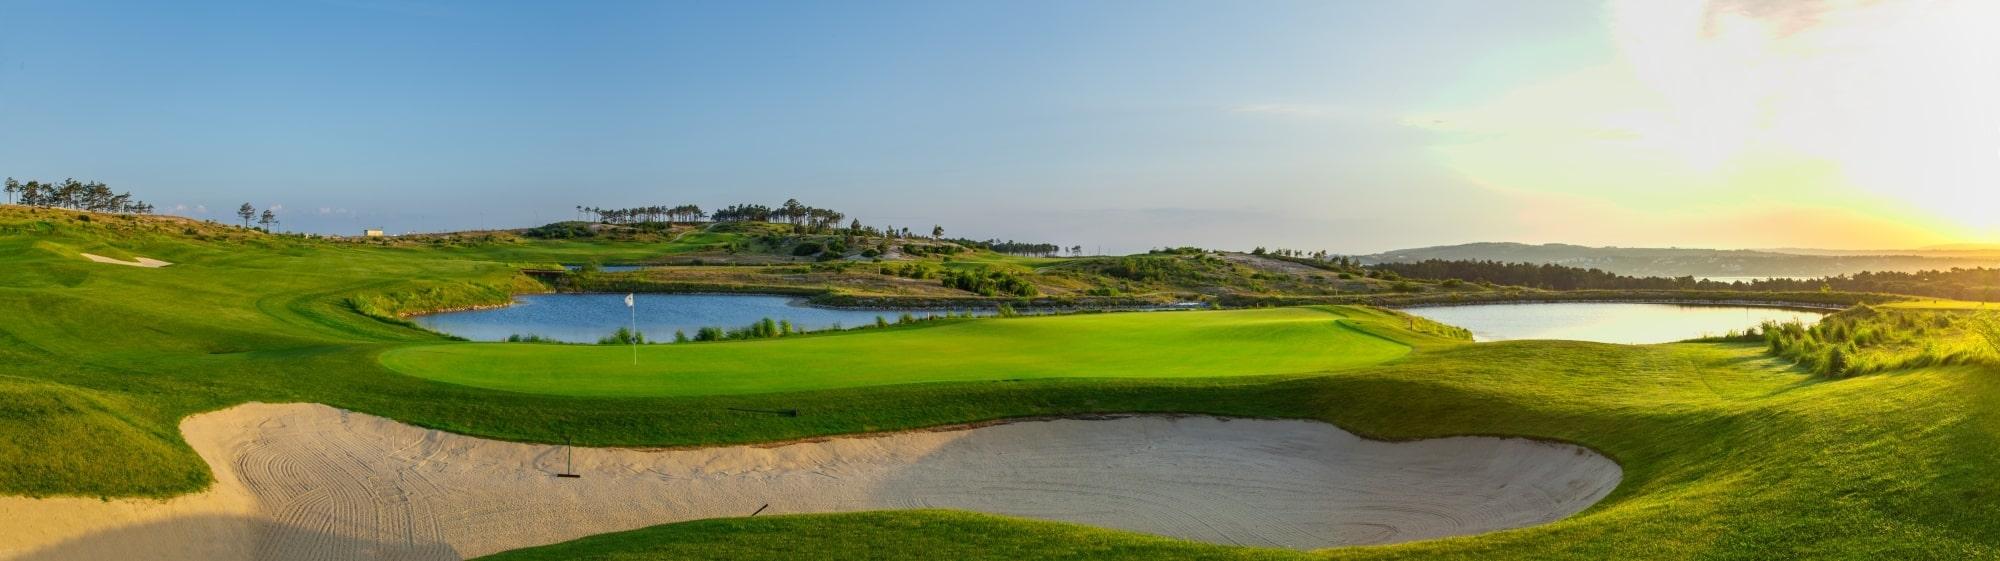 Praia del rey golf package